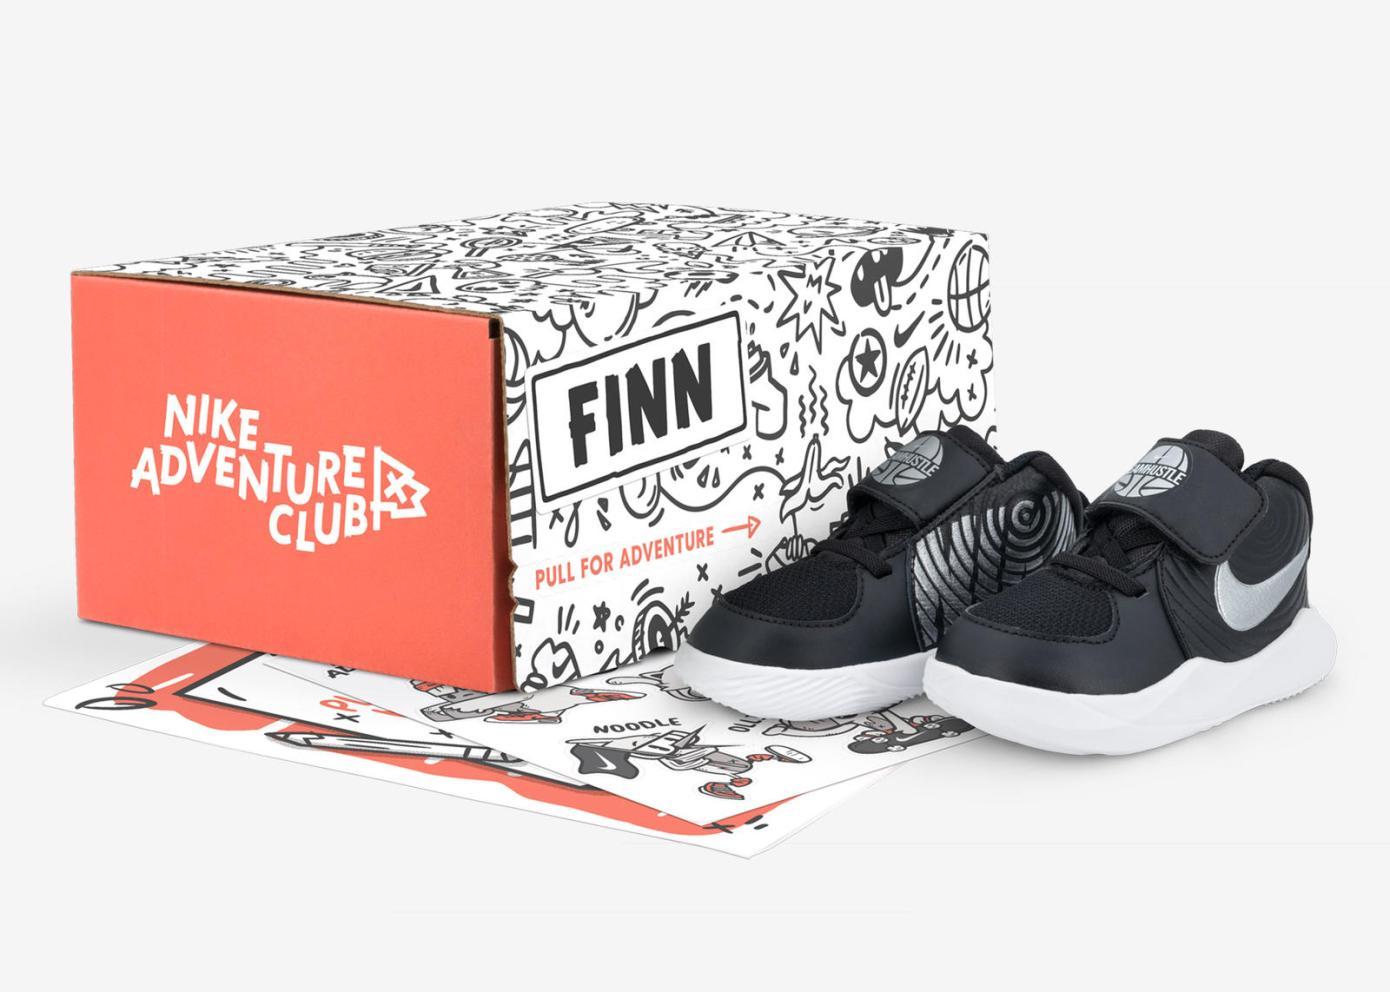 耐克推出了针对儿童鞋的订阅服务Nike Adventure Club